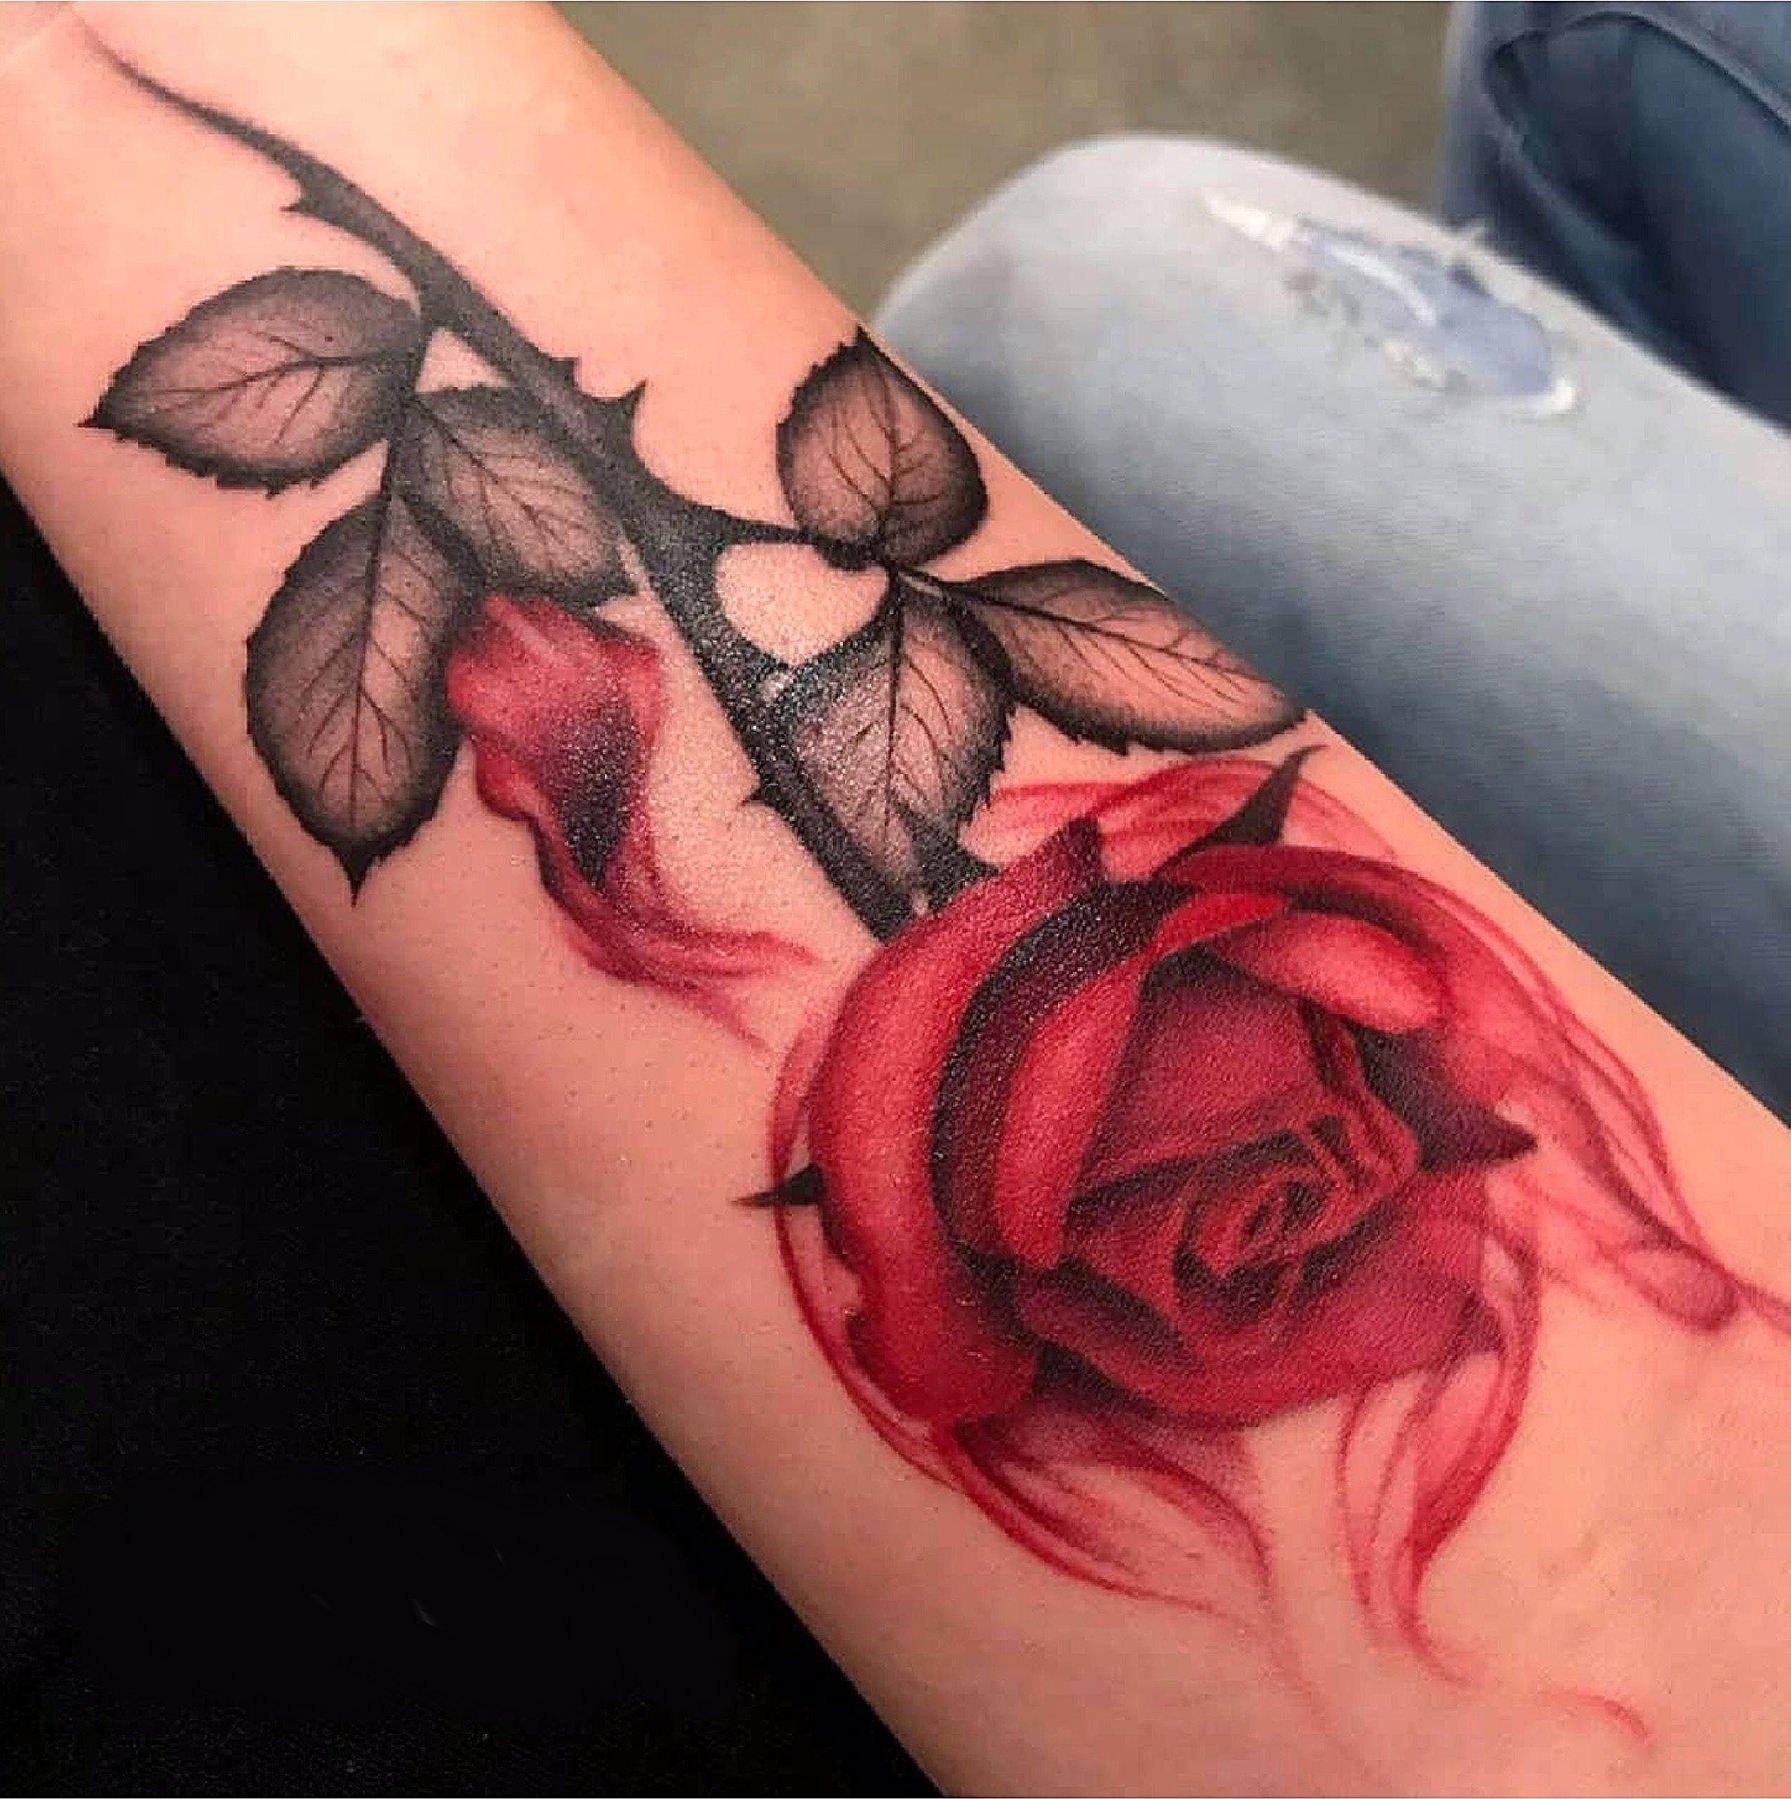 Tatuagem de uma rosa vermelha no braço